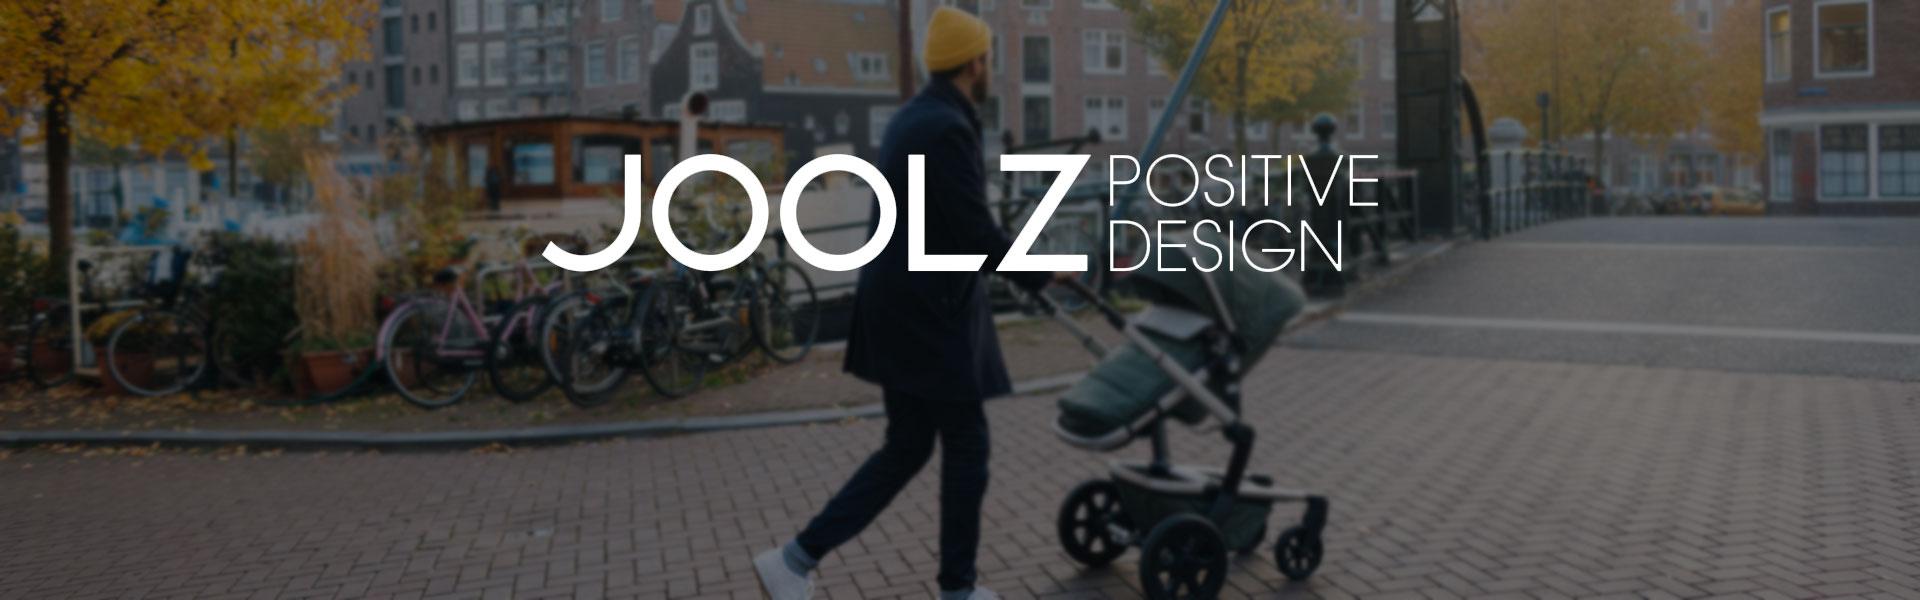 Joolz-Kategorie-Banner